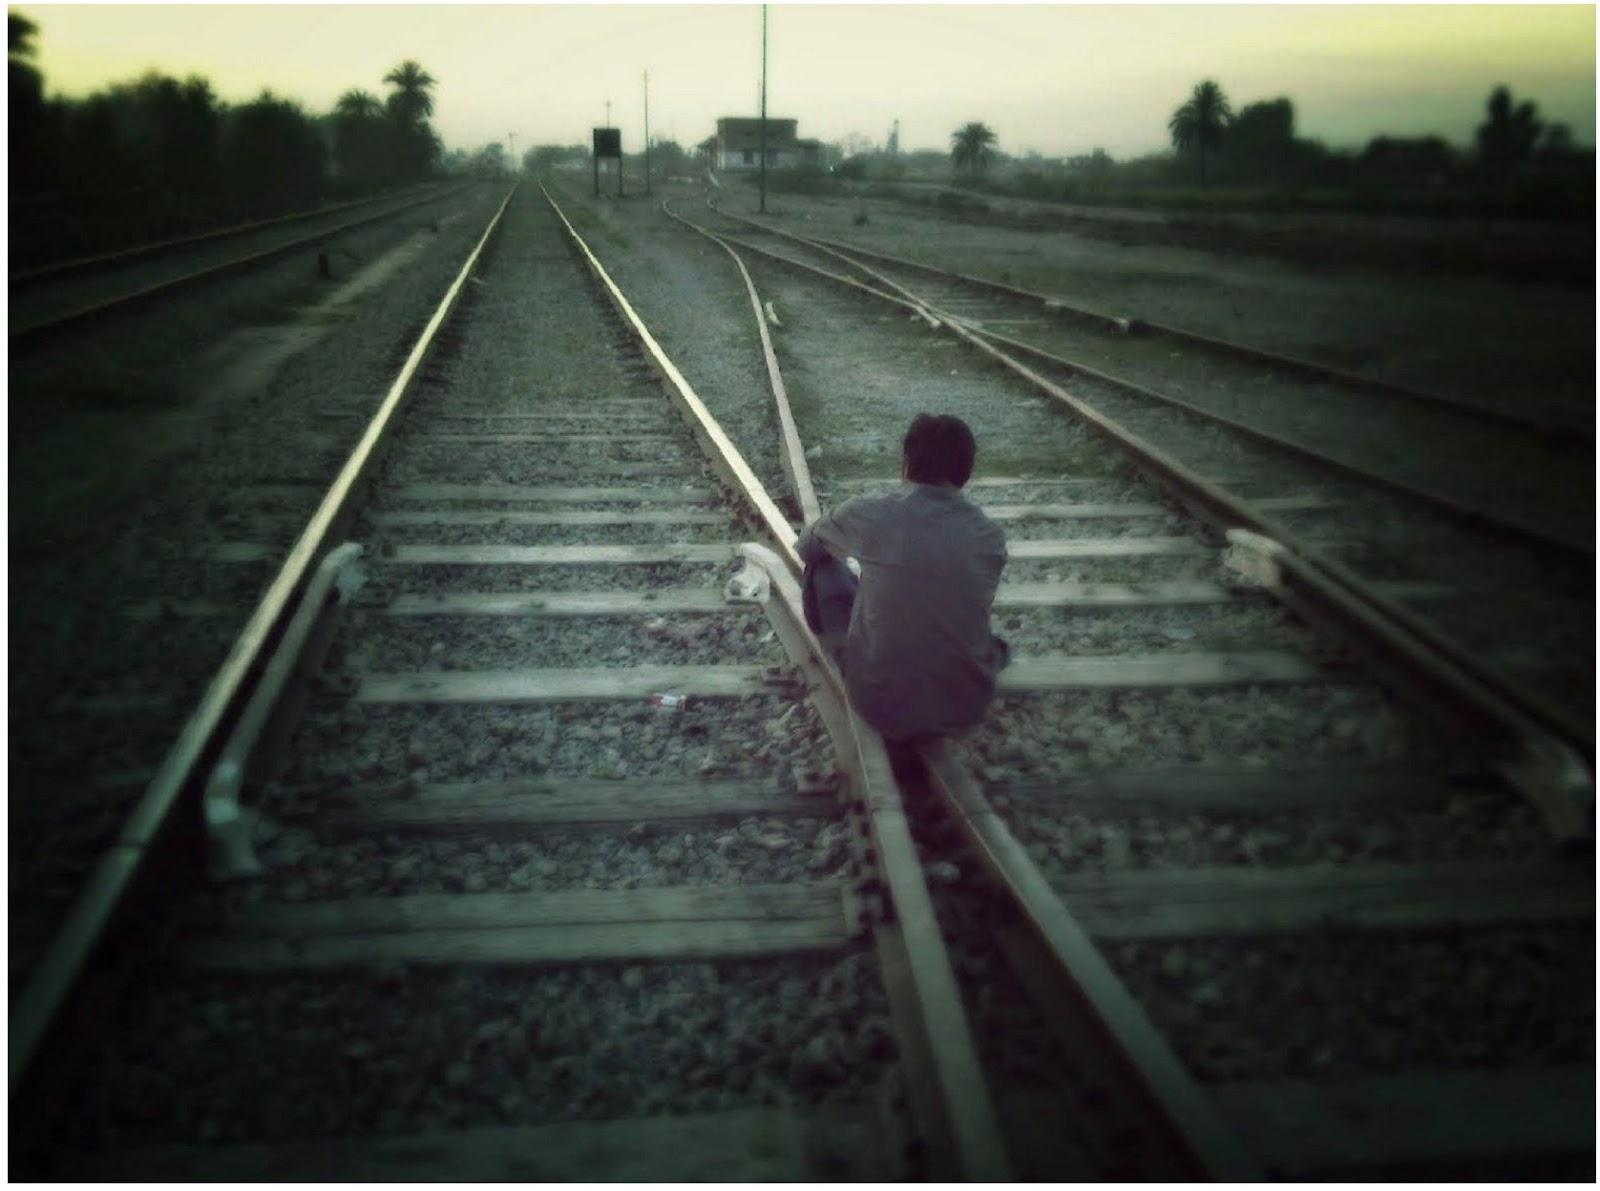 بالصور صور شباب حزينه , شوفوا ليش كل هالحزن والهم اللى بهالصور للشباب 1848 12